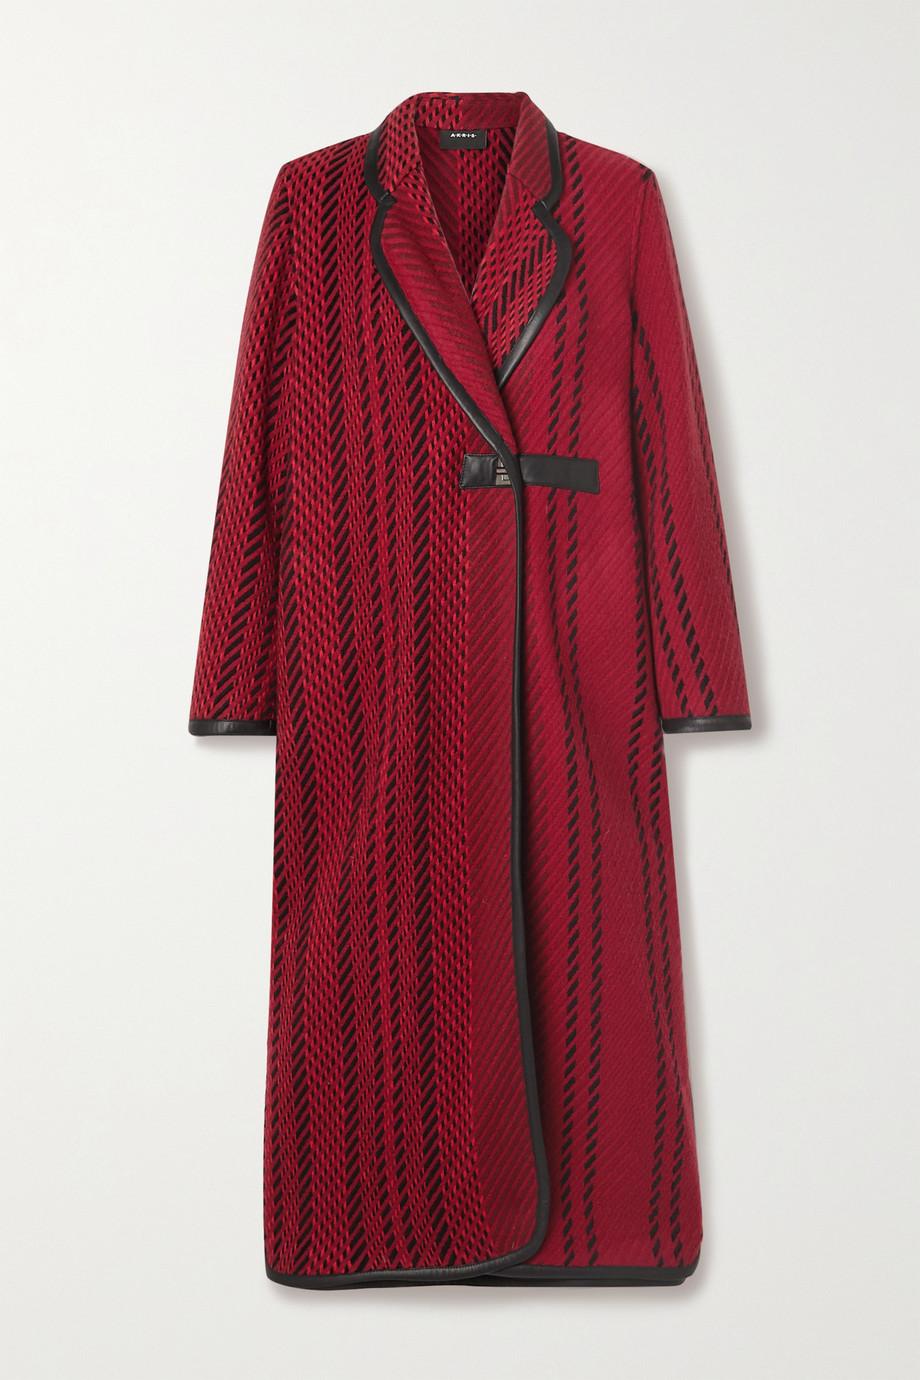 Akris Mantel aus Tweed aus einer Wollmischung mit Lederbesätzen